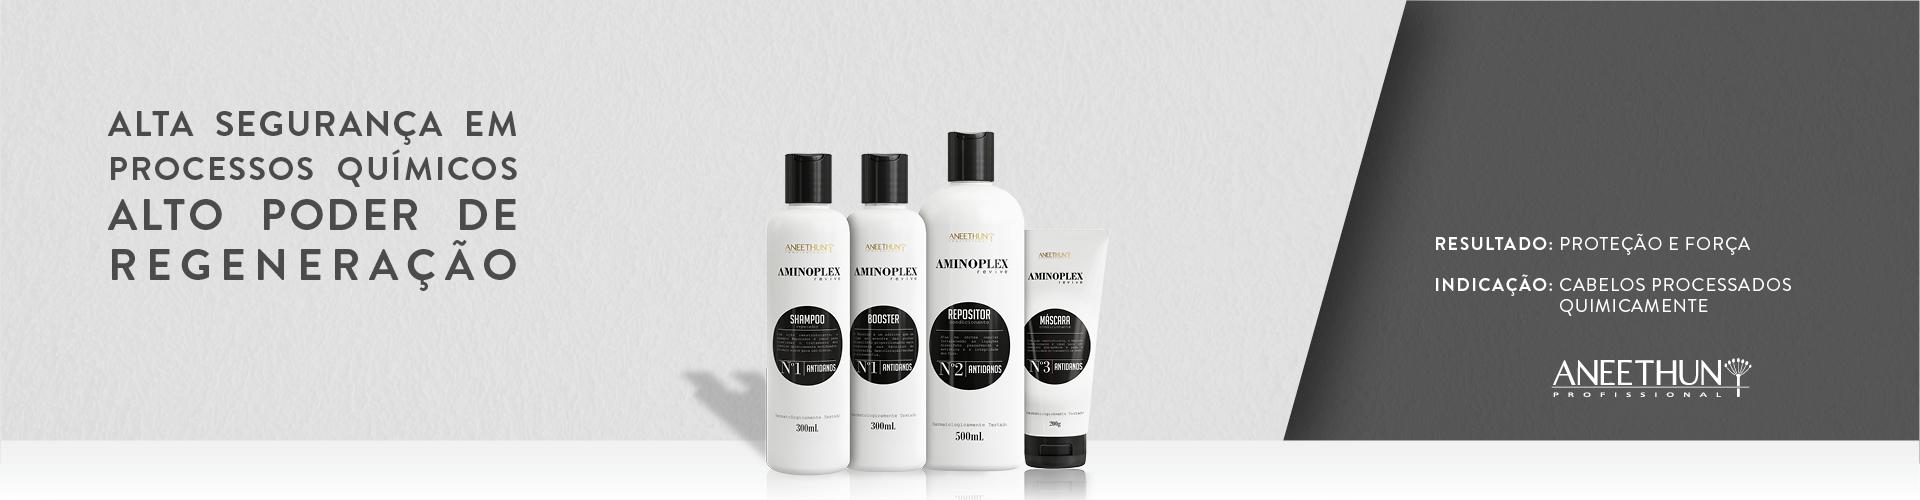 Aminoplex Revive - Alta segurança em processos químicos - Proteção e Força